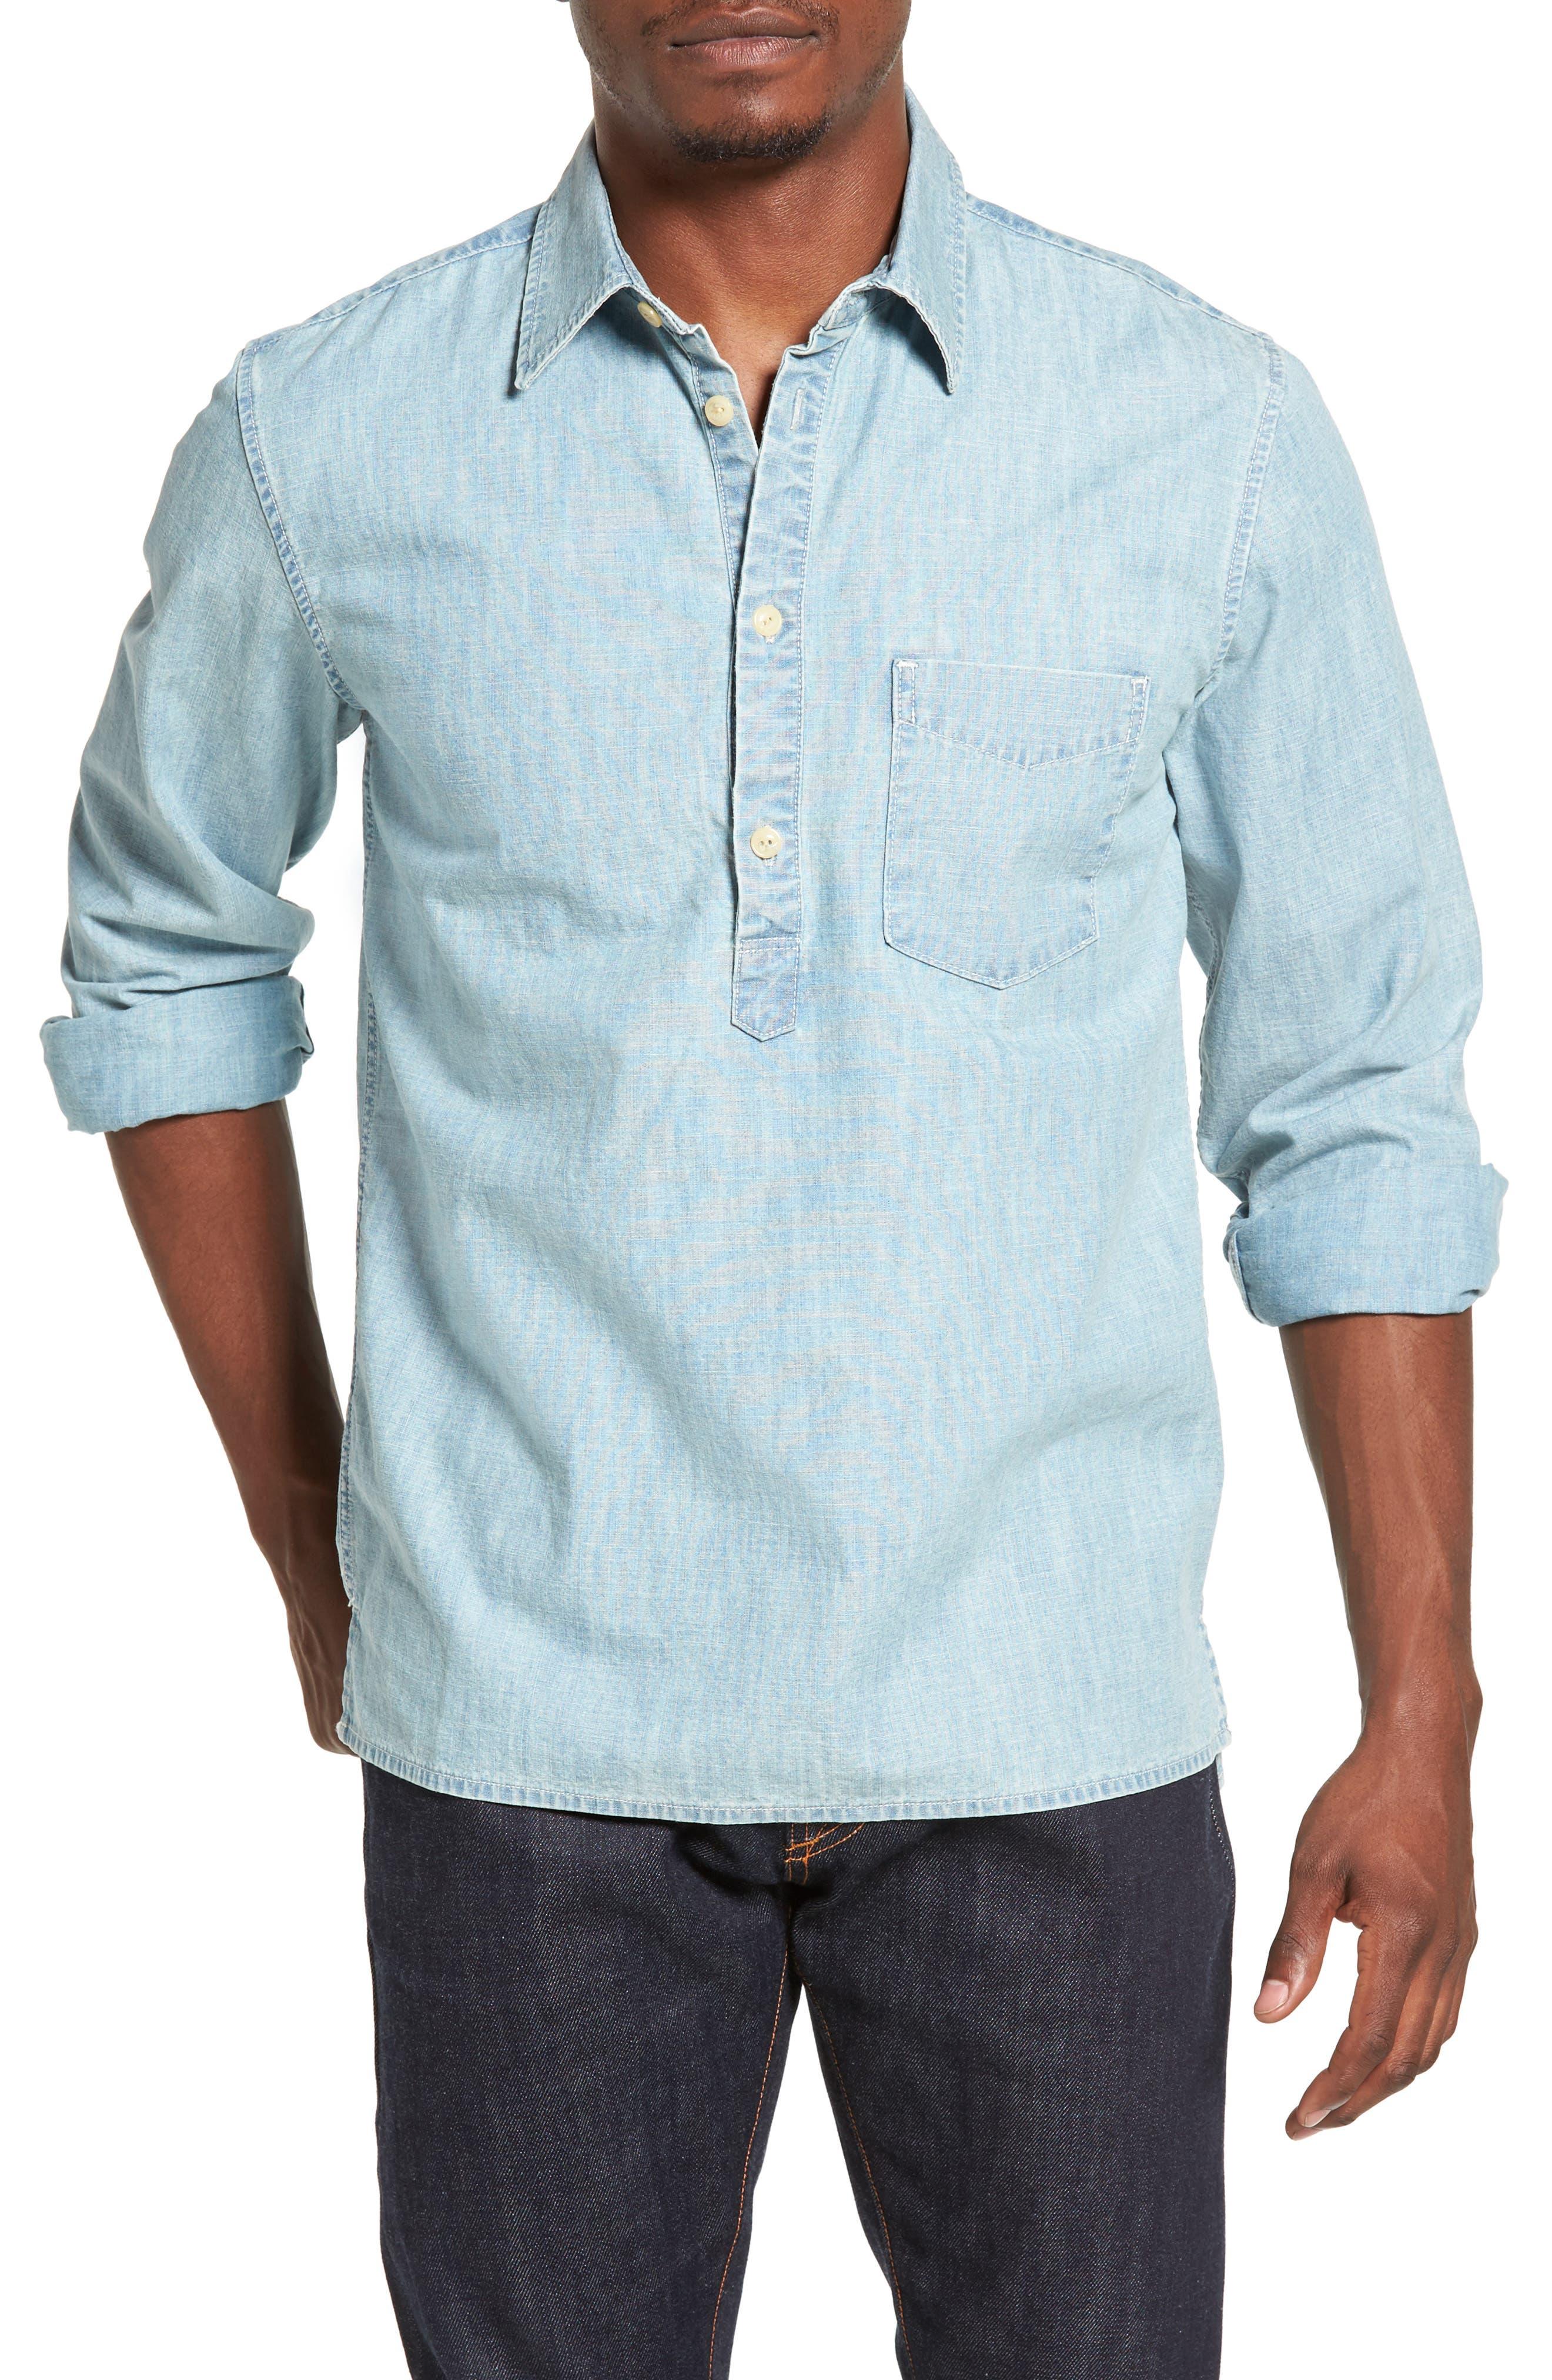 JEAN SHOP, Ethan Chambray Shirt, Main thumbnail 1, color, 470